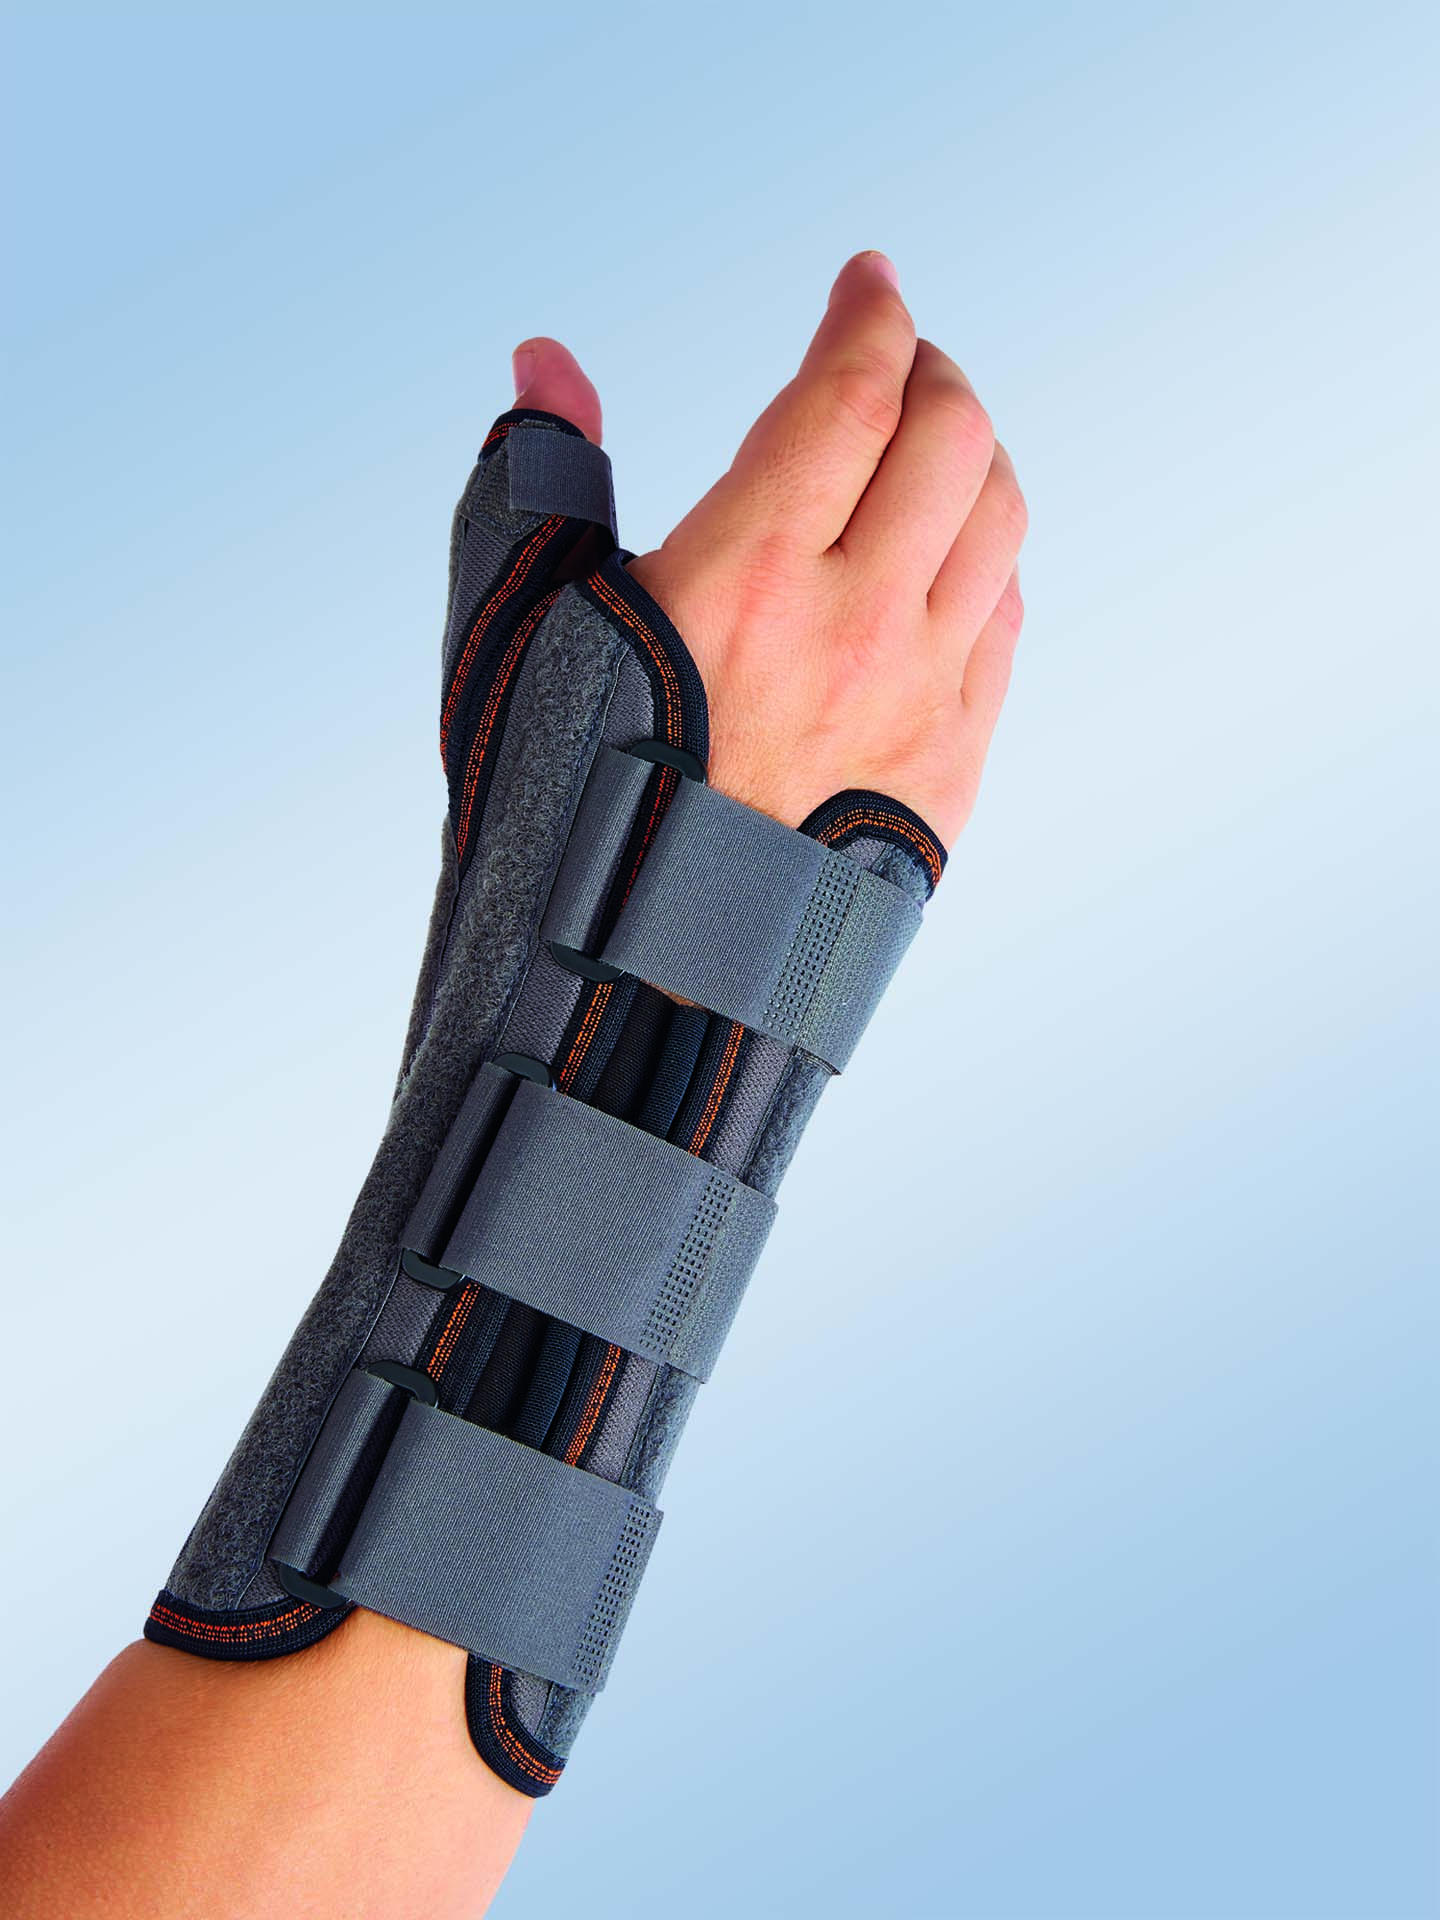 leziuni la nivelul încheieturii mâinii)